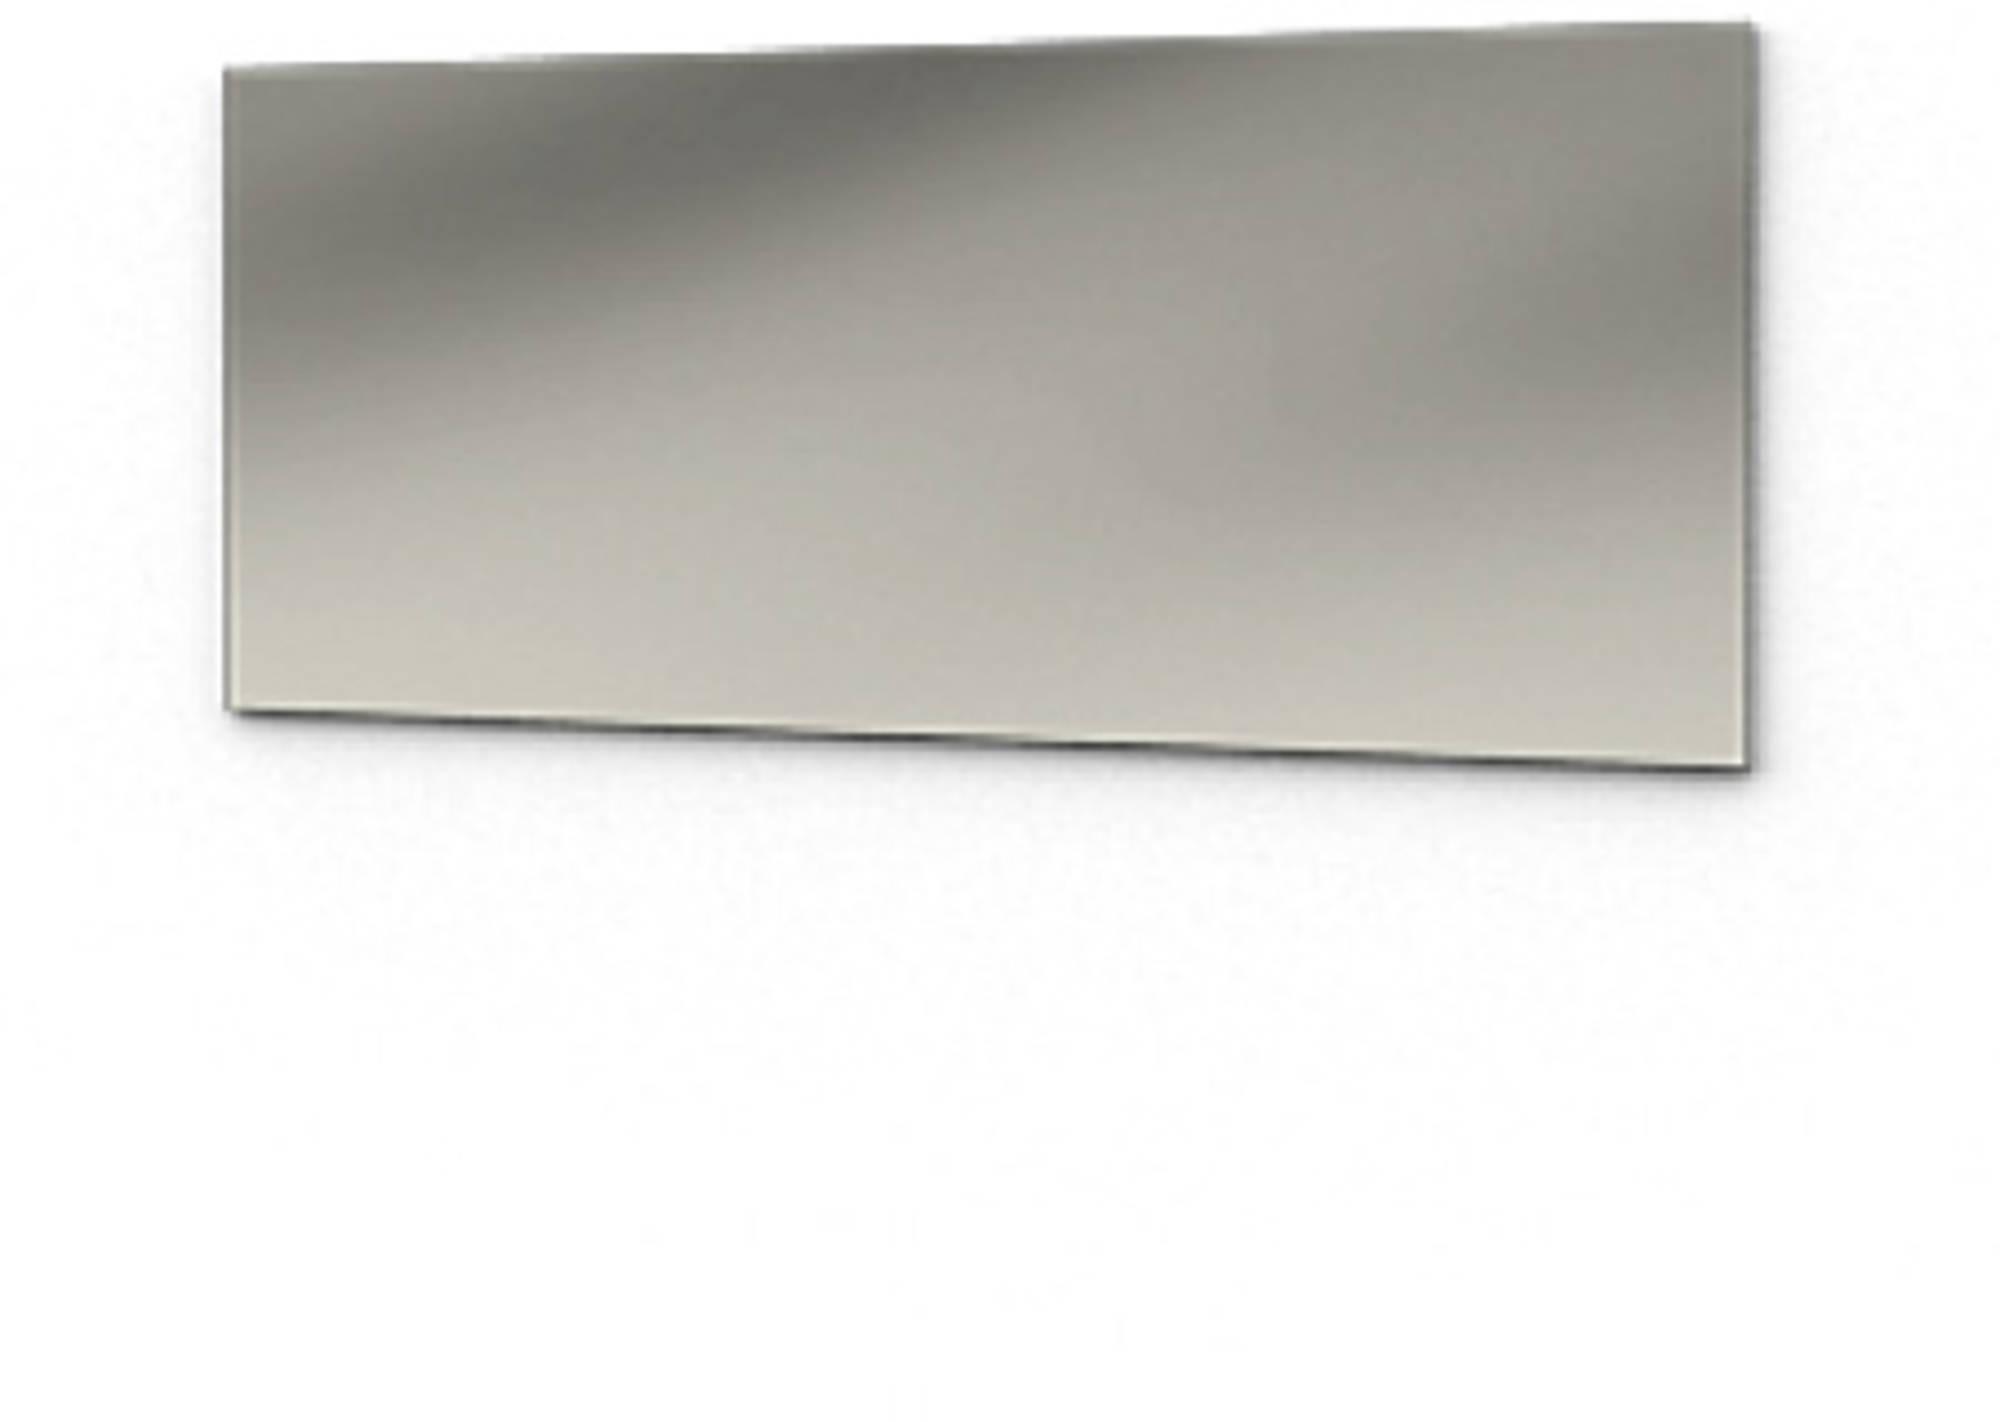 Ben Mirano Spiegel rondom Geslepen met blinde ophang 200,1-220x70,1-90 cm